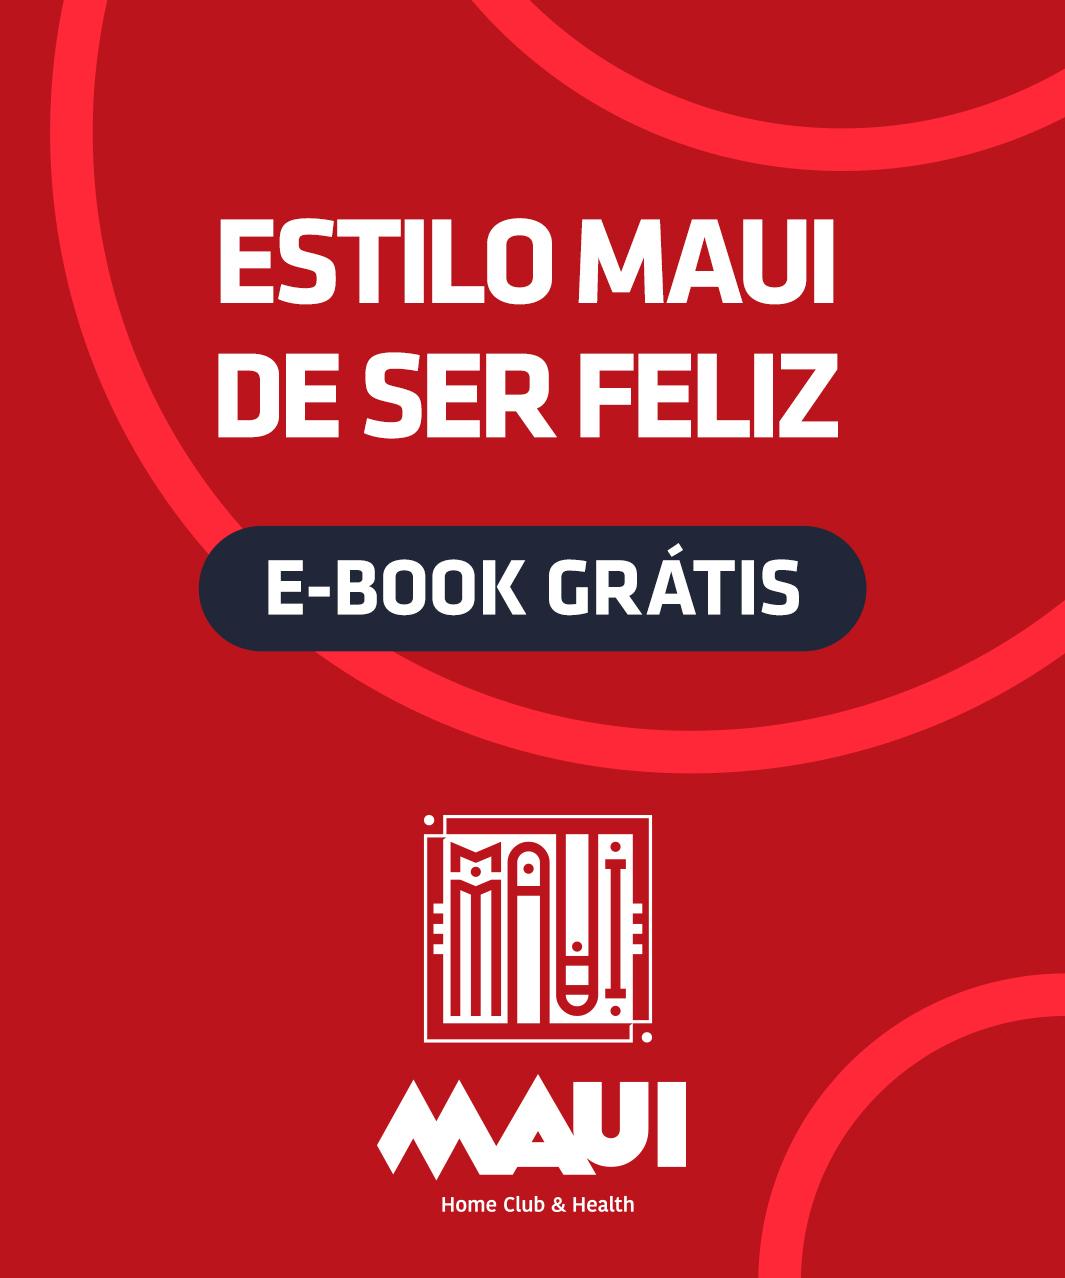 Ebook completo do Maui